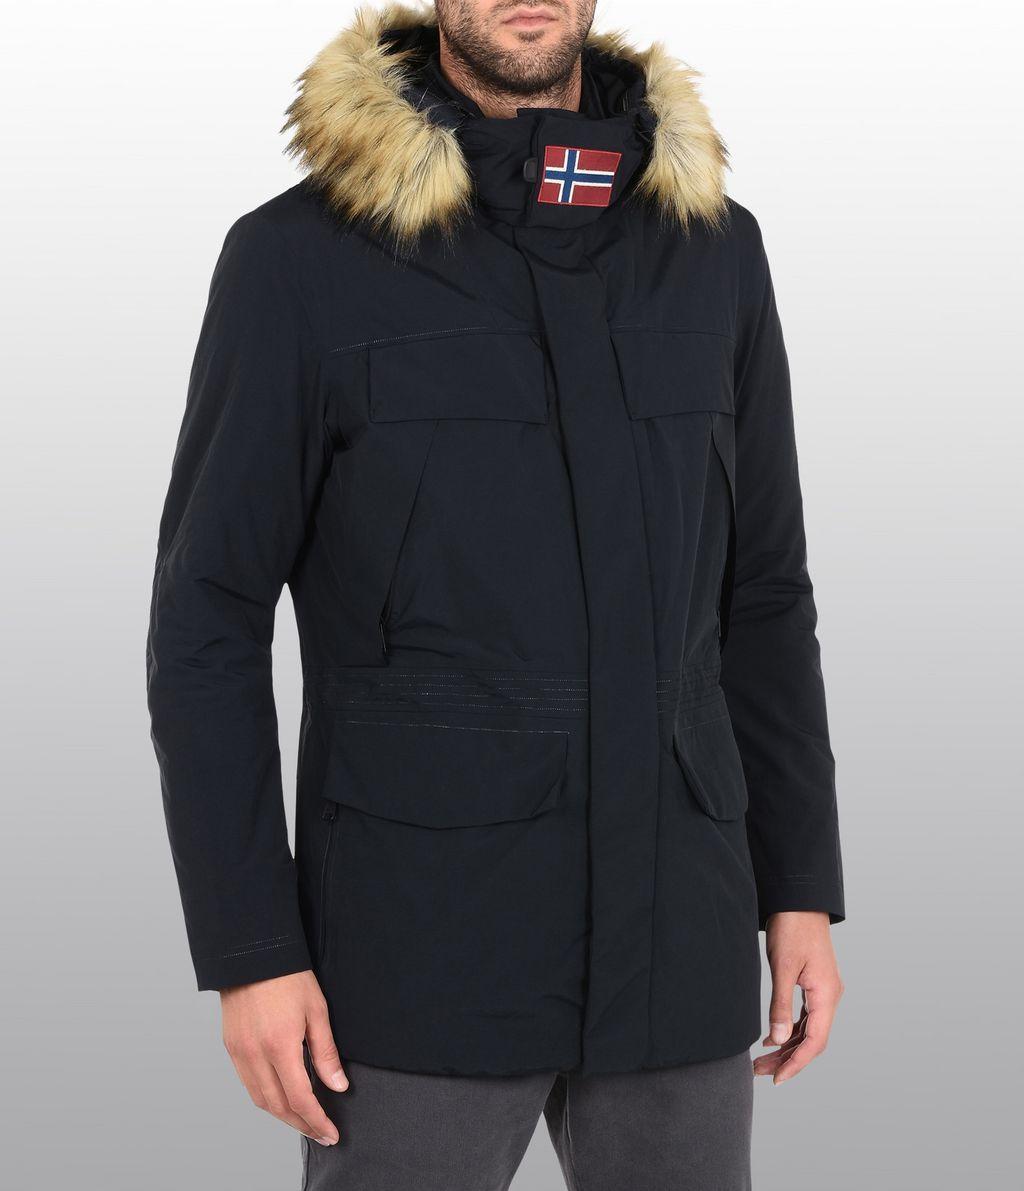 Napapijri Napapijri Skidoo Open Jacket Racoon Fur M Size M $100